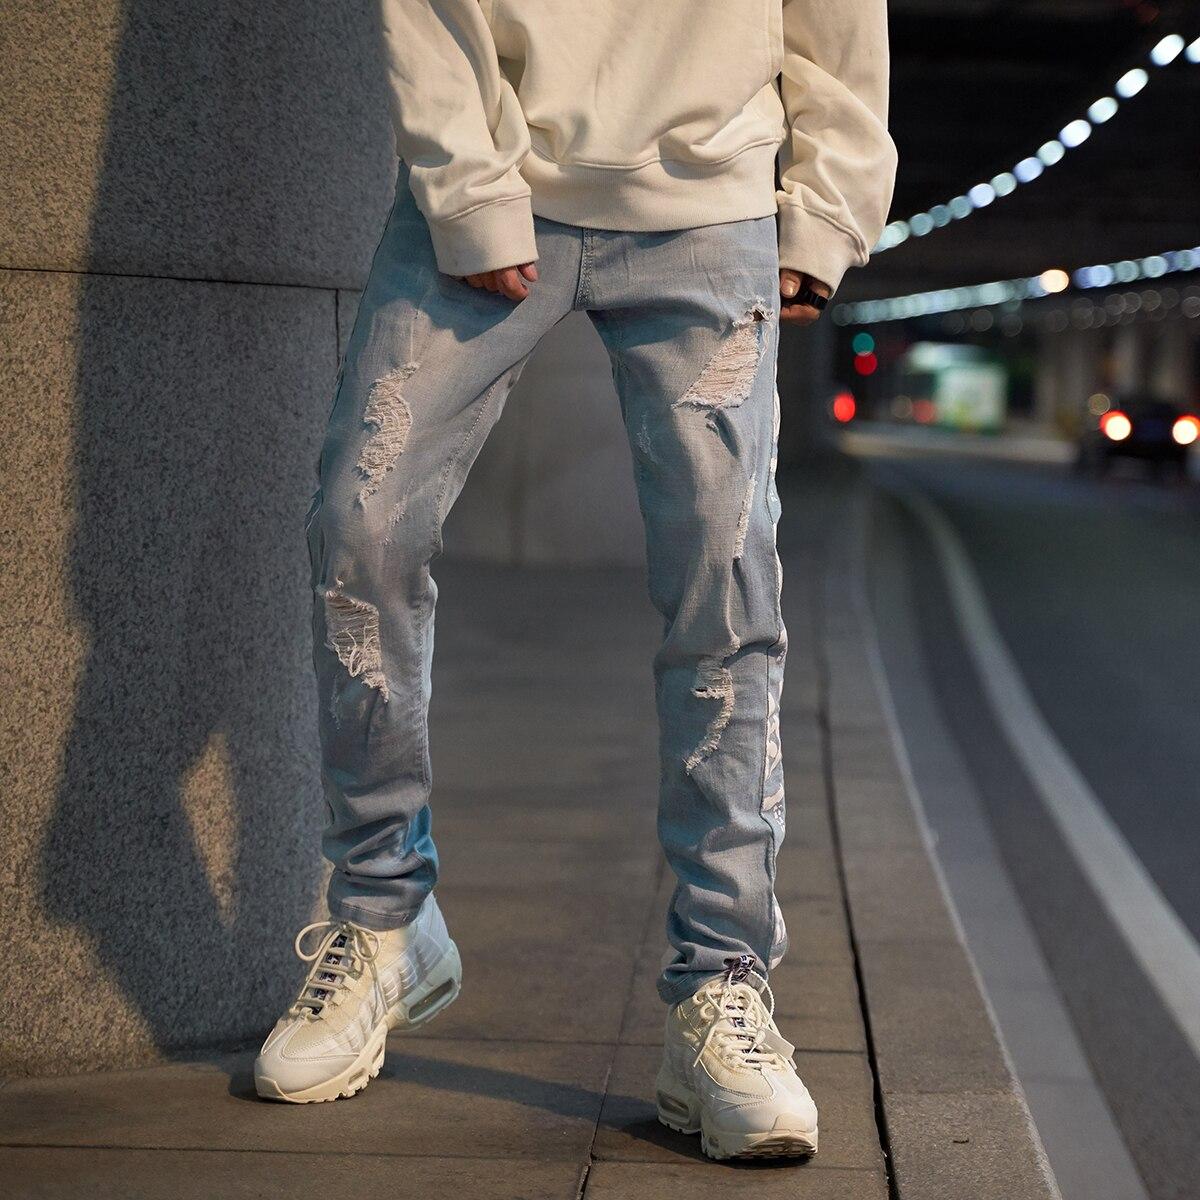 Pantalones vaqueros de moda para hombre, pantalones vaqueros desgastados con estilo azul para correr, pantalones vaqueros desgastados con lavado nostálgico, pantalones vaqueros flacos de hombre destruidos